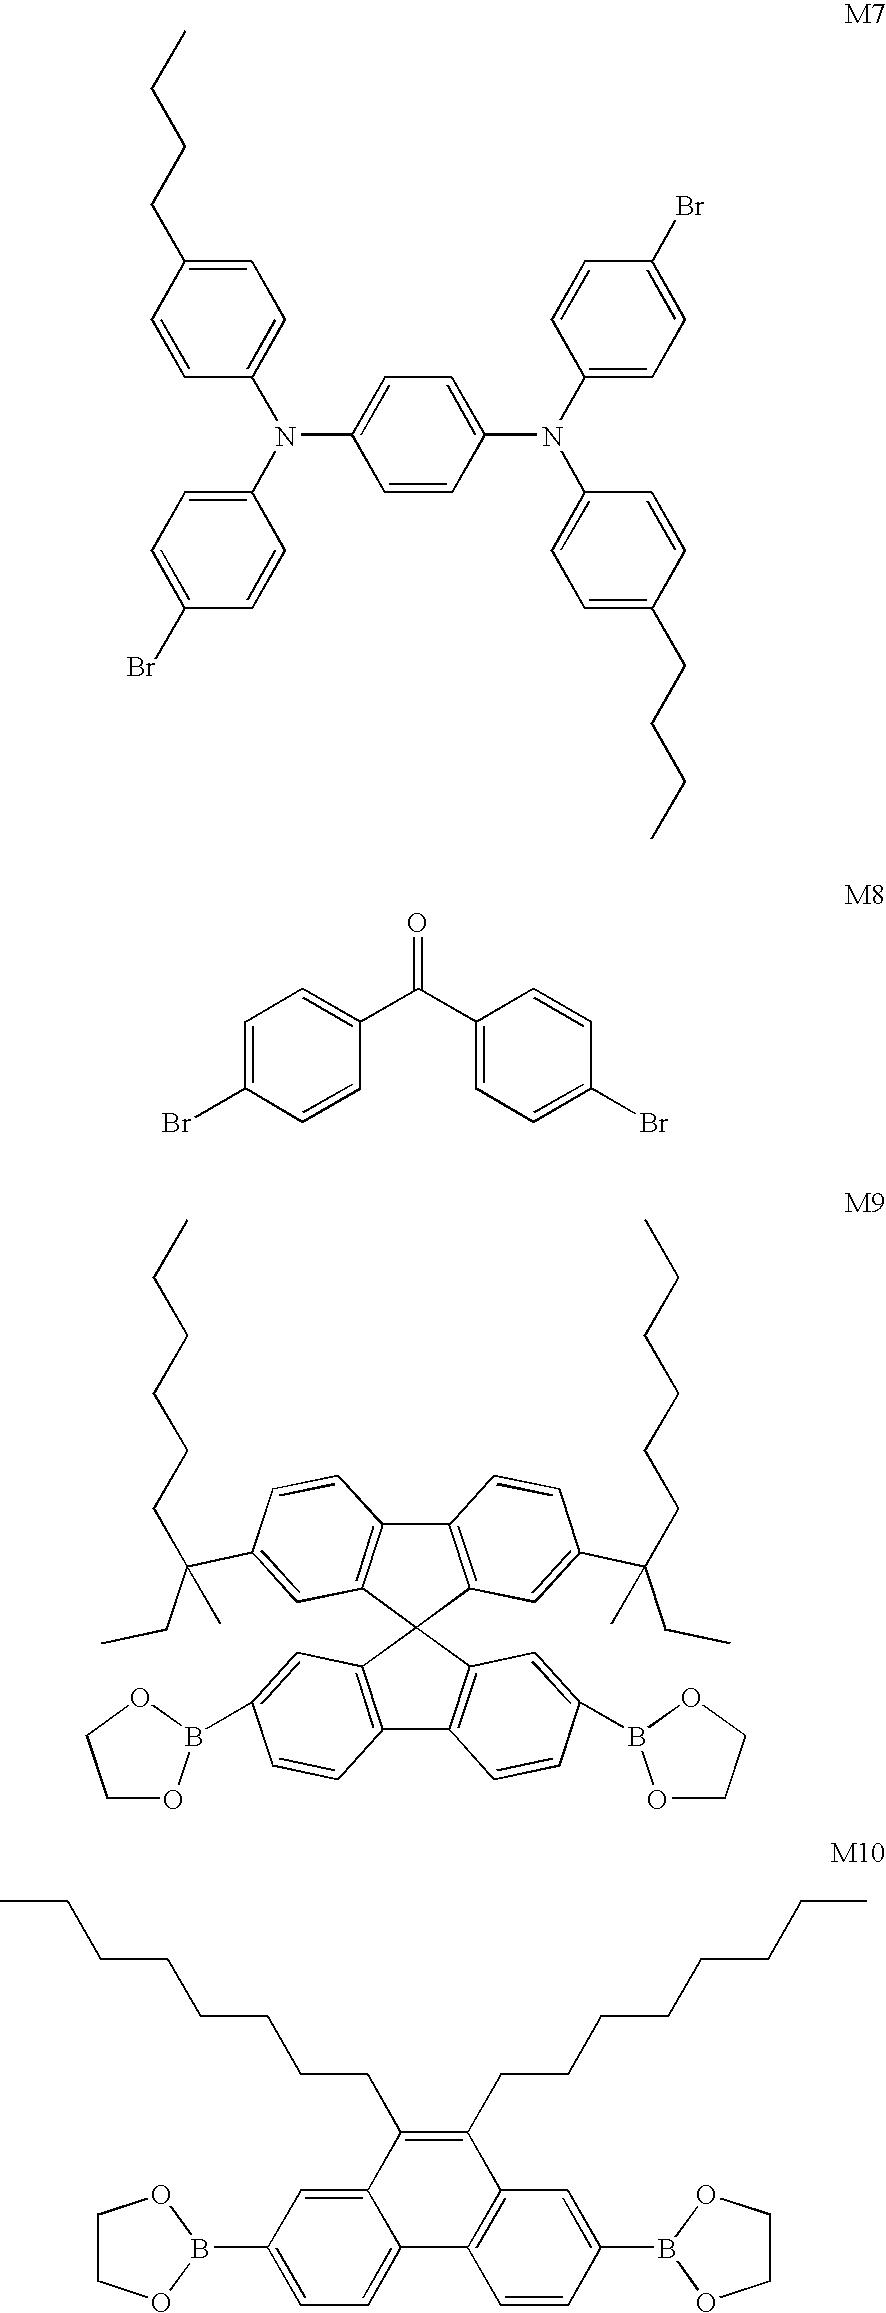 Figure US07820305-20101026-C00004